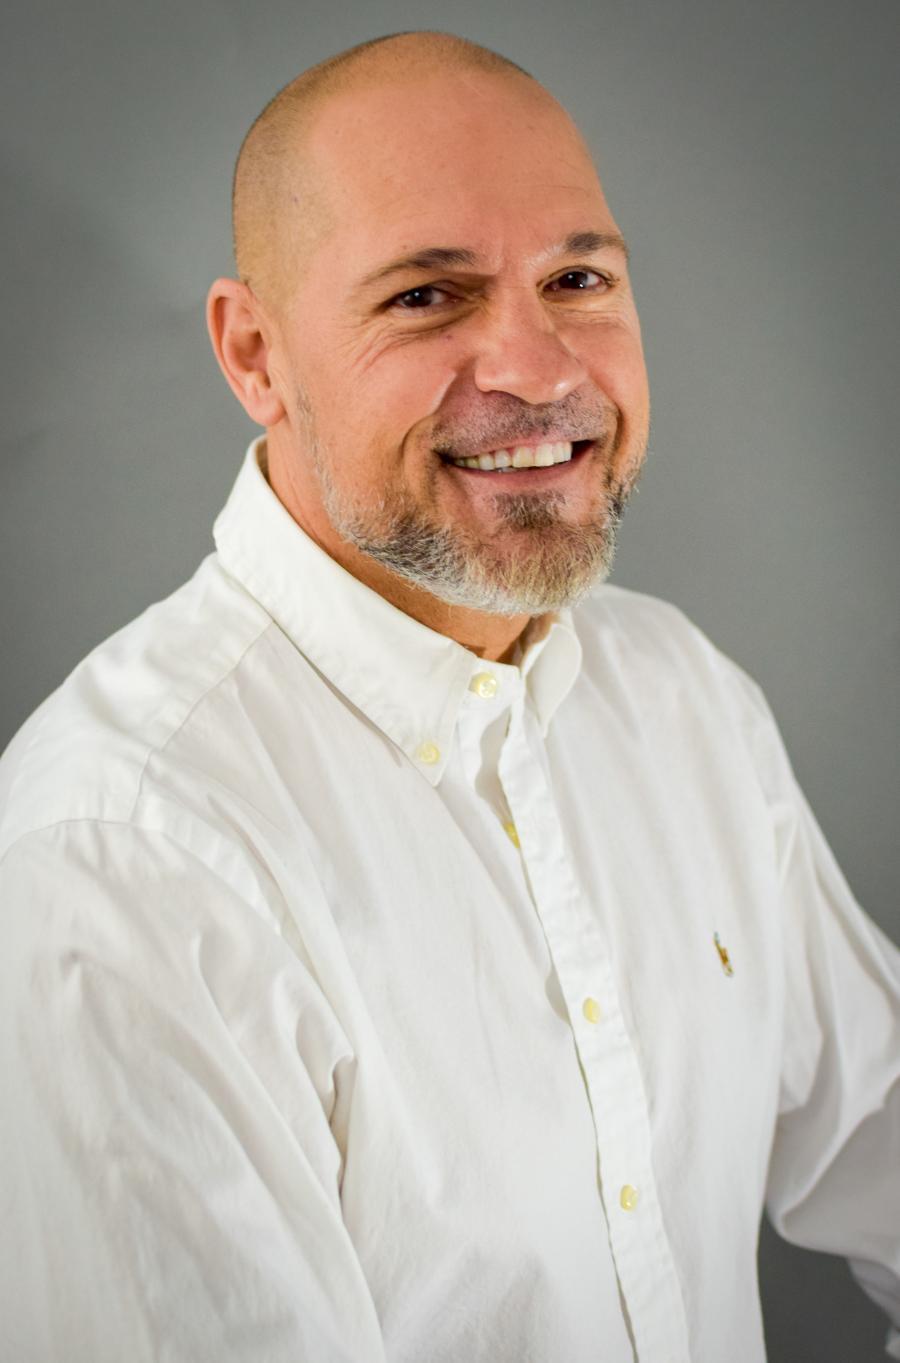 David Driskill